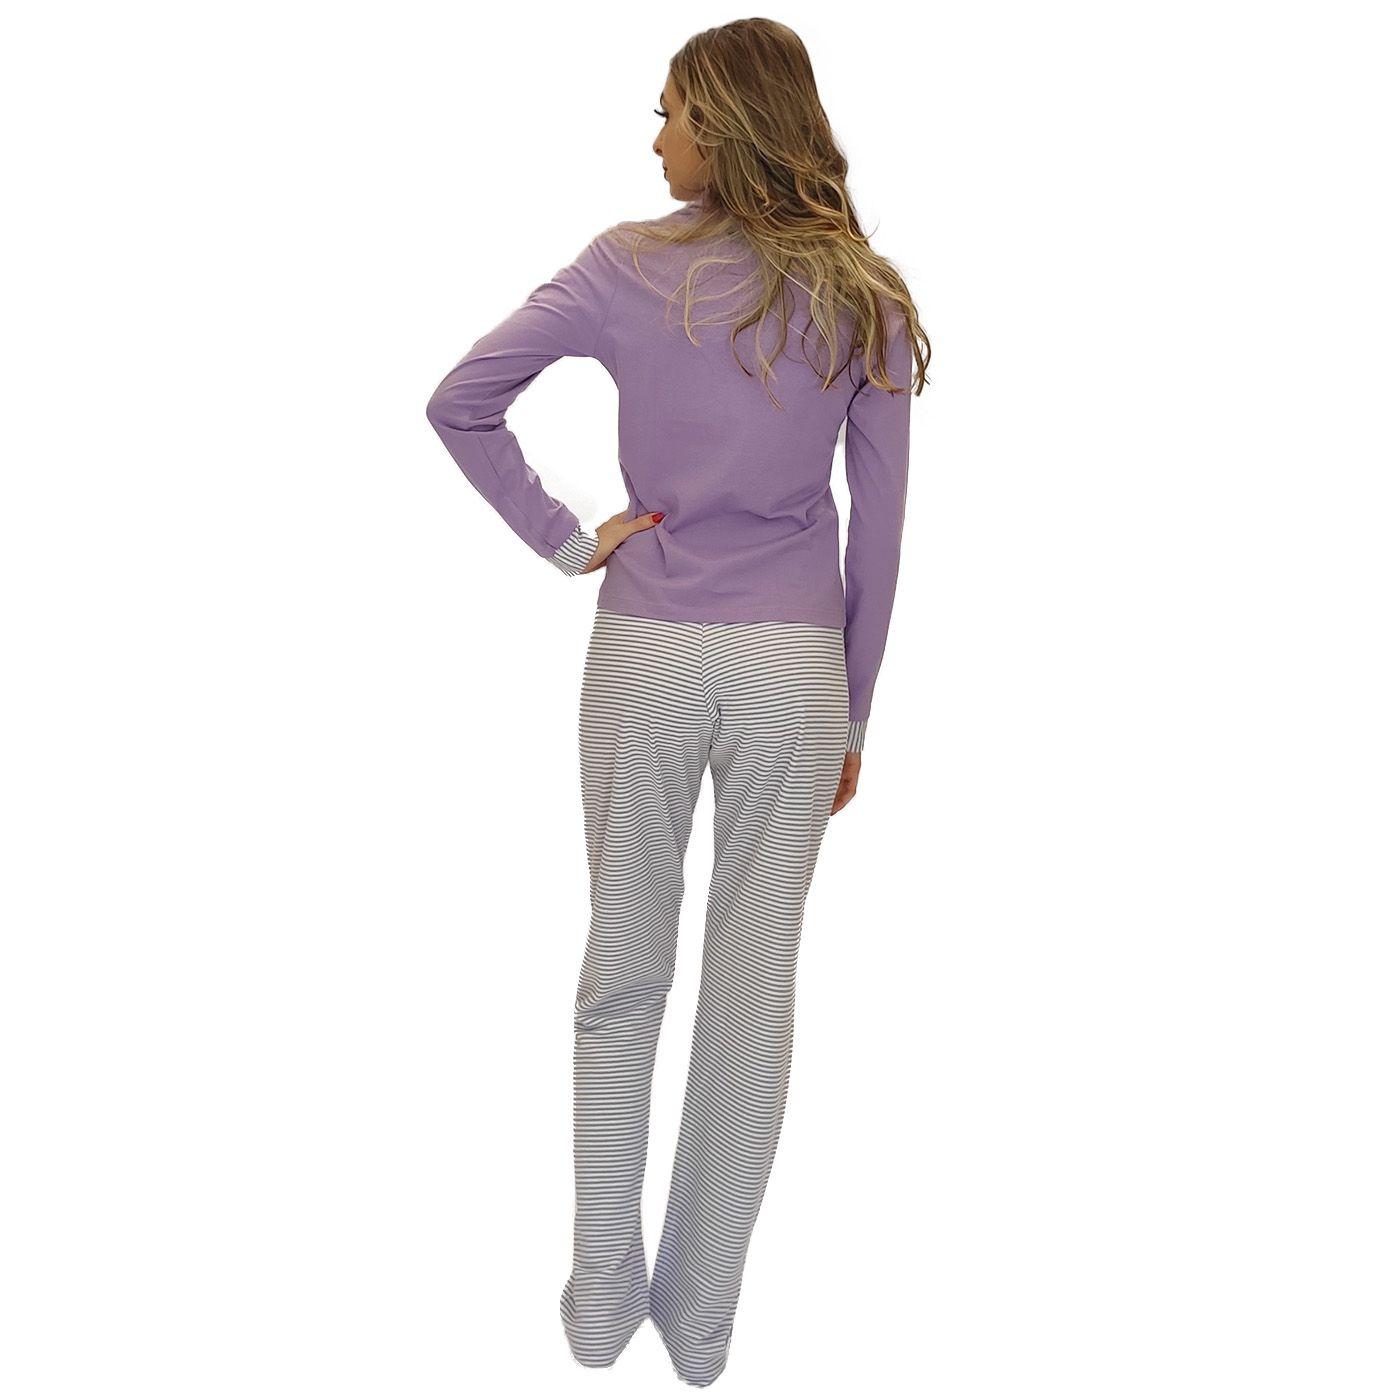 Pijama feminino adulto inverno blusa com faixa detalhe